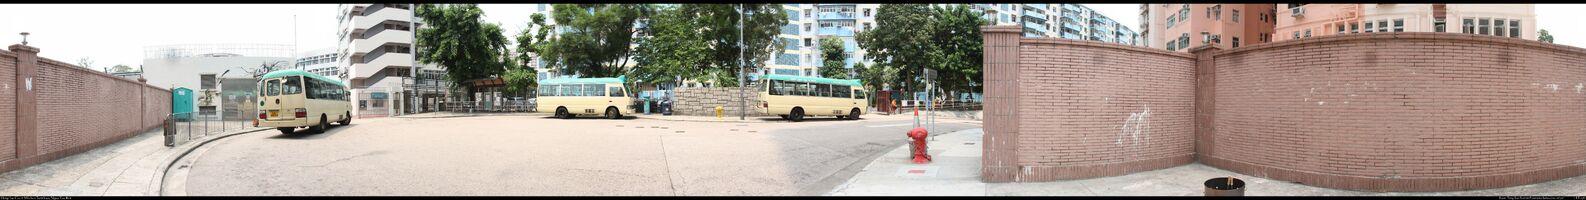 Hong Lee Court Pano